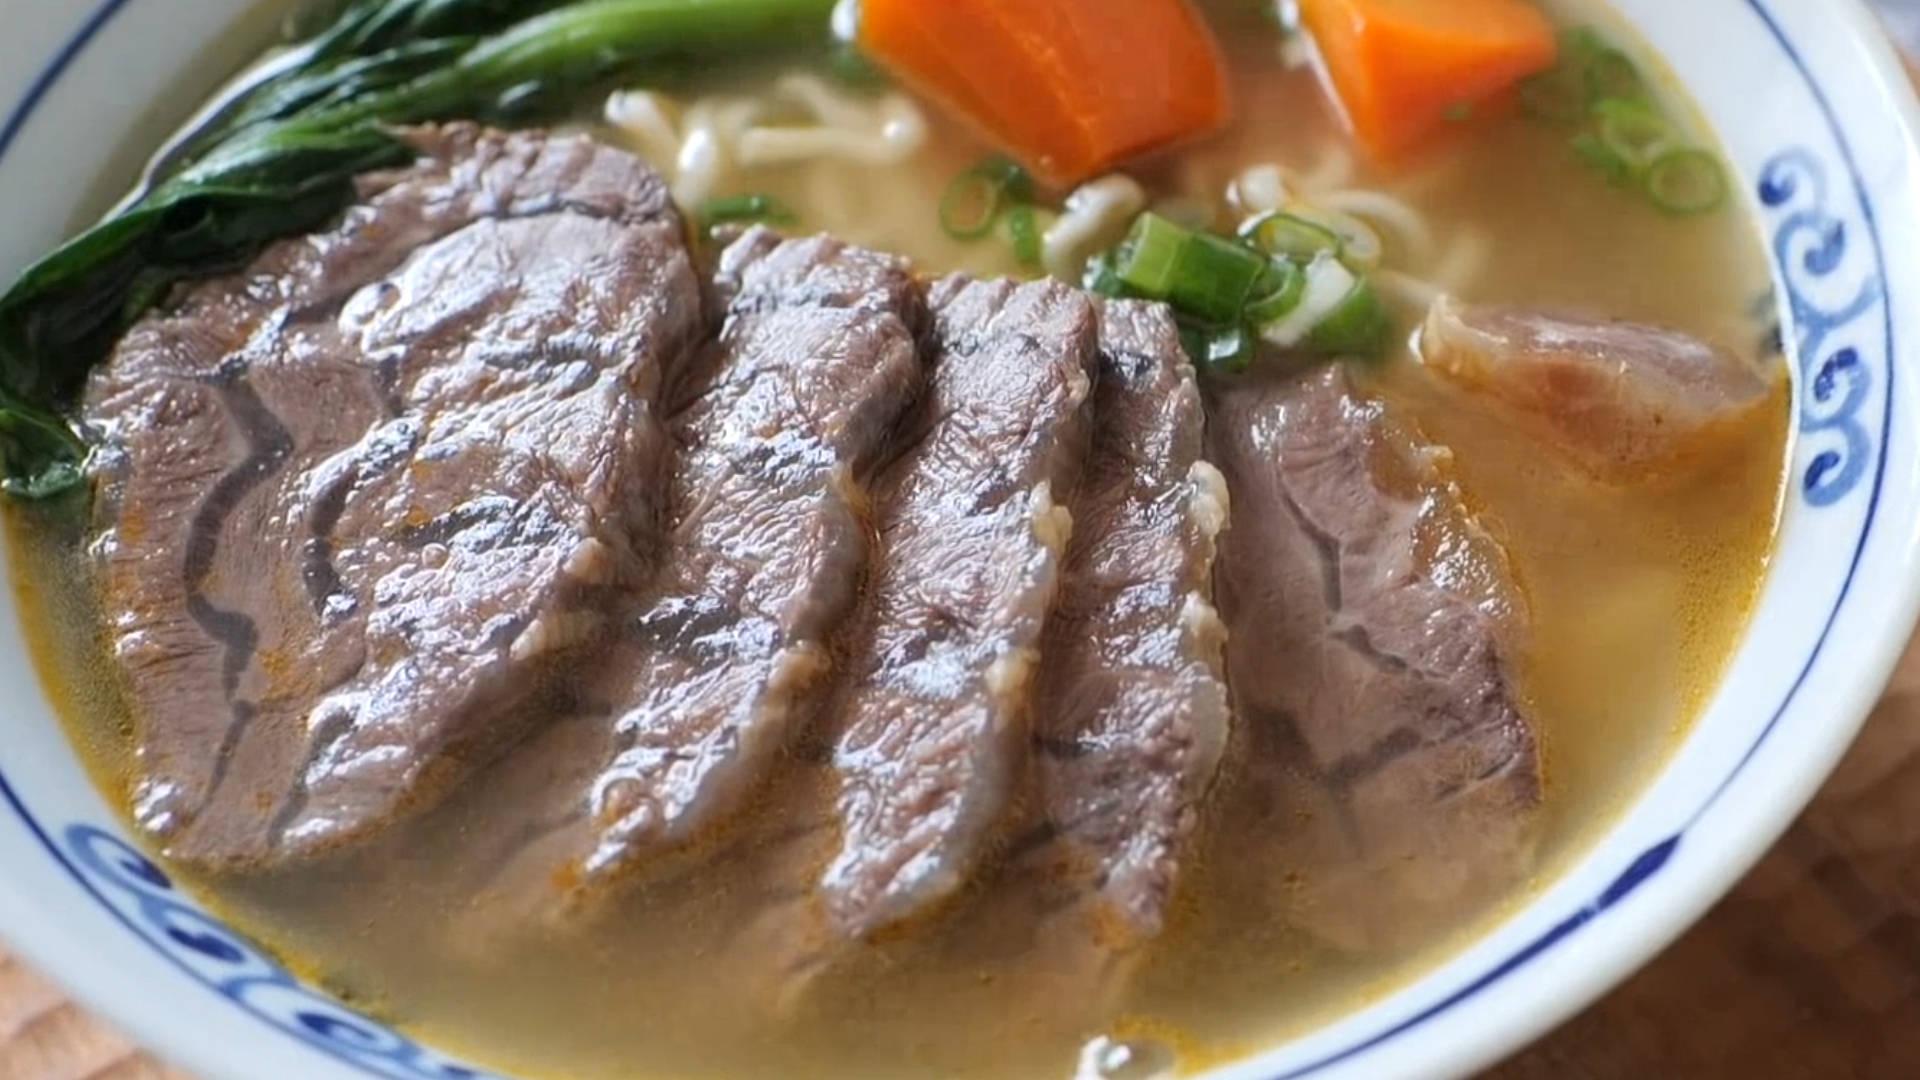 学会这碗牛肉面,再也不用去面馆了,烂熟入味让人垂涎欲滴